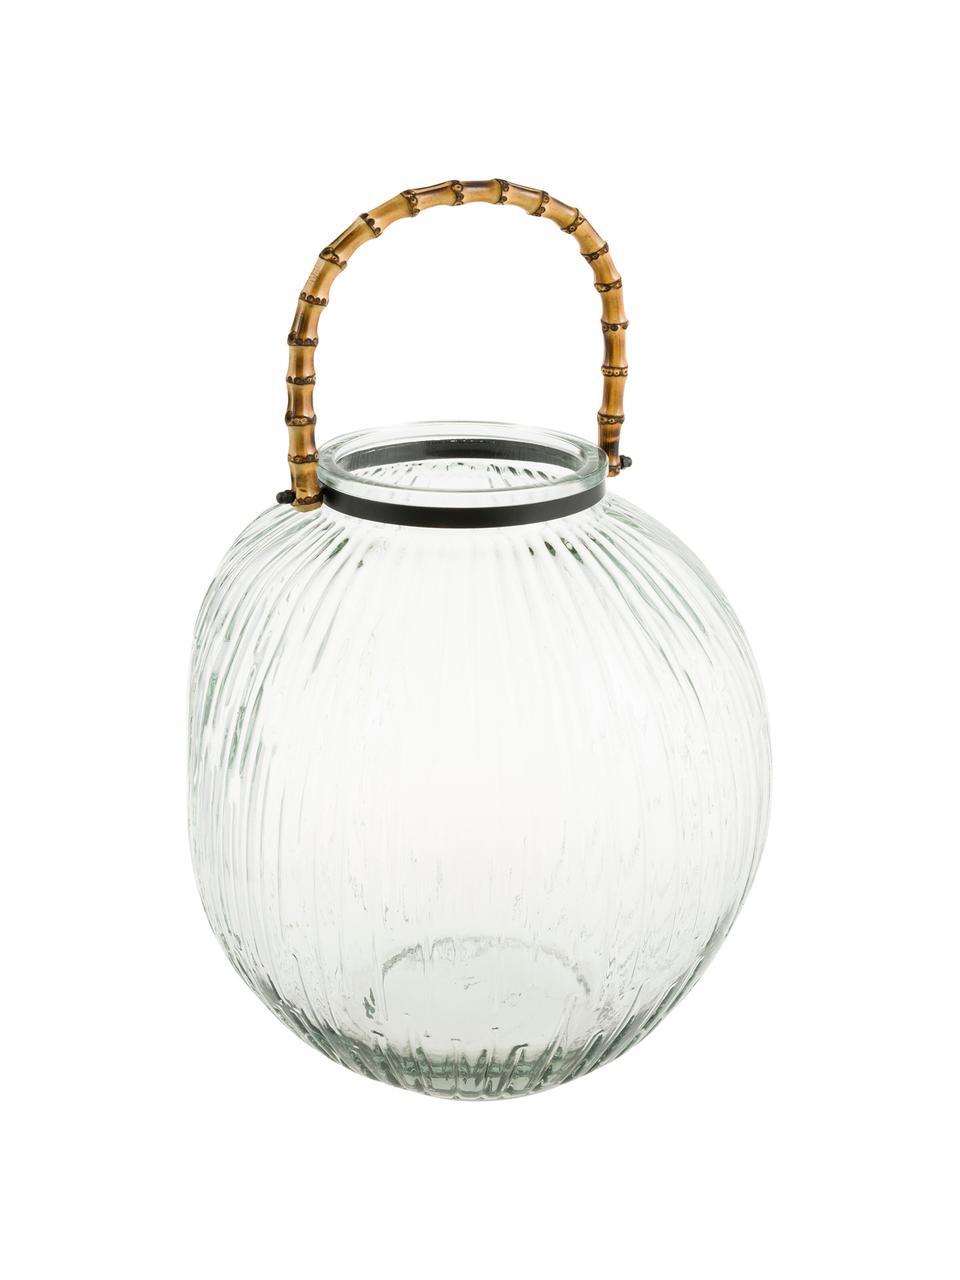 Windlicht Hyde, Windlicht: Glas, Griff: Bambus, Transparent, Braun, Ø 28 x H 32 cm